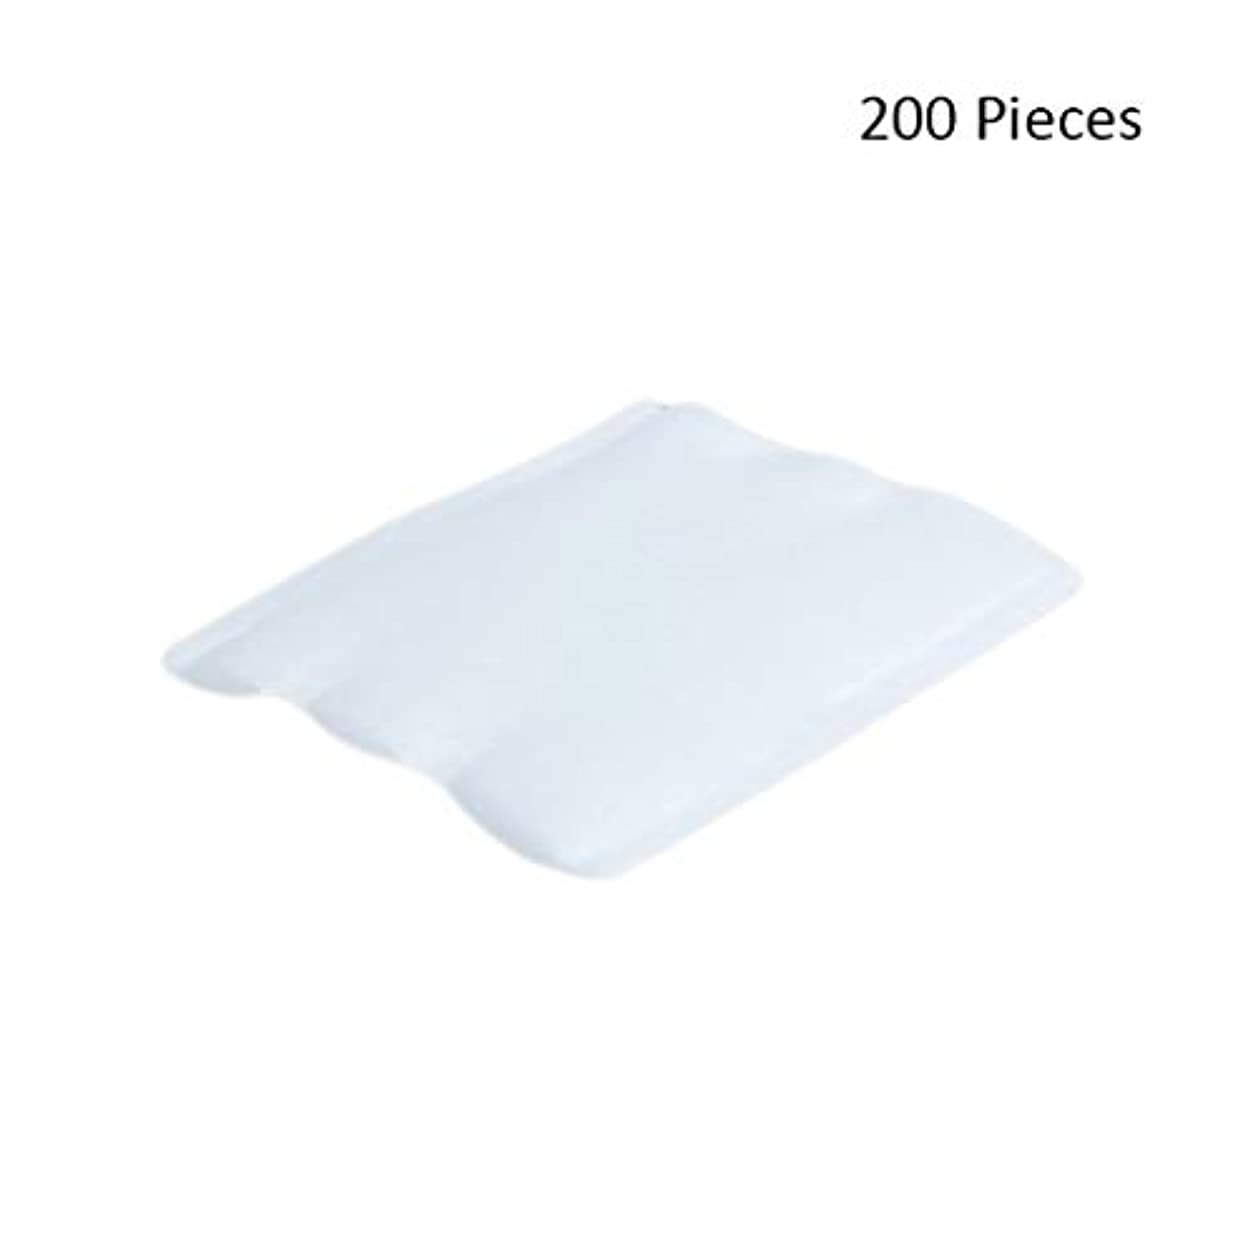 慈善前部繊維化粧パッド 200ピースオーガニックコットンパッドフェイシャルカットクレンジングメイクアップパフ化粧品メイクアップリムーバーワイプスキンフェイスウォッシュコットンパッド メイク落とし化粧パッド (Color : White...